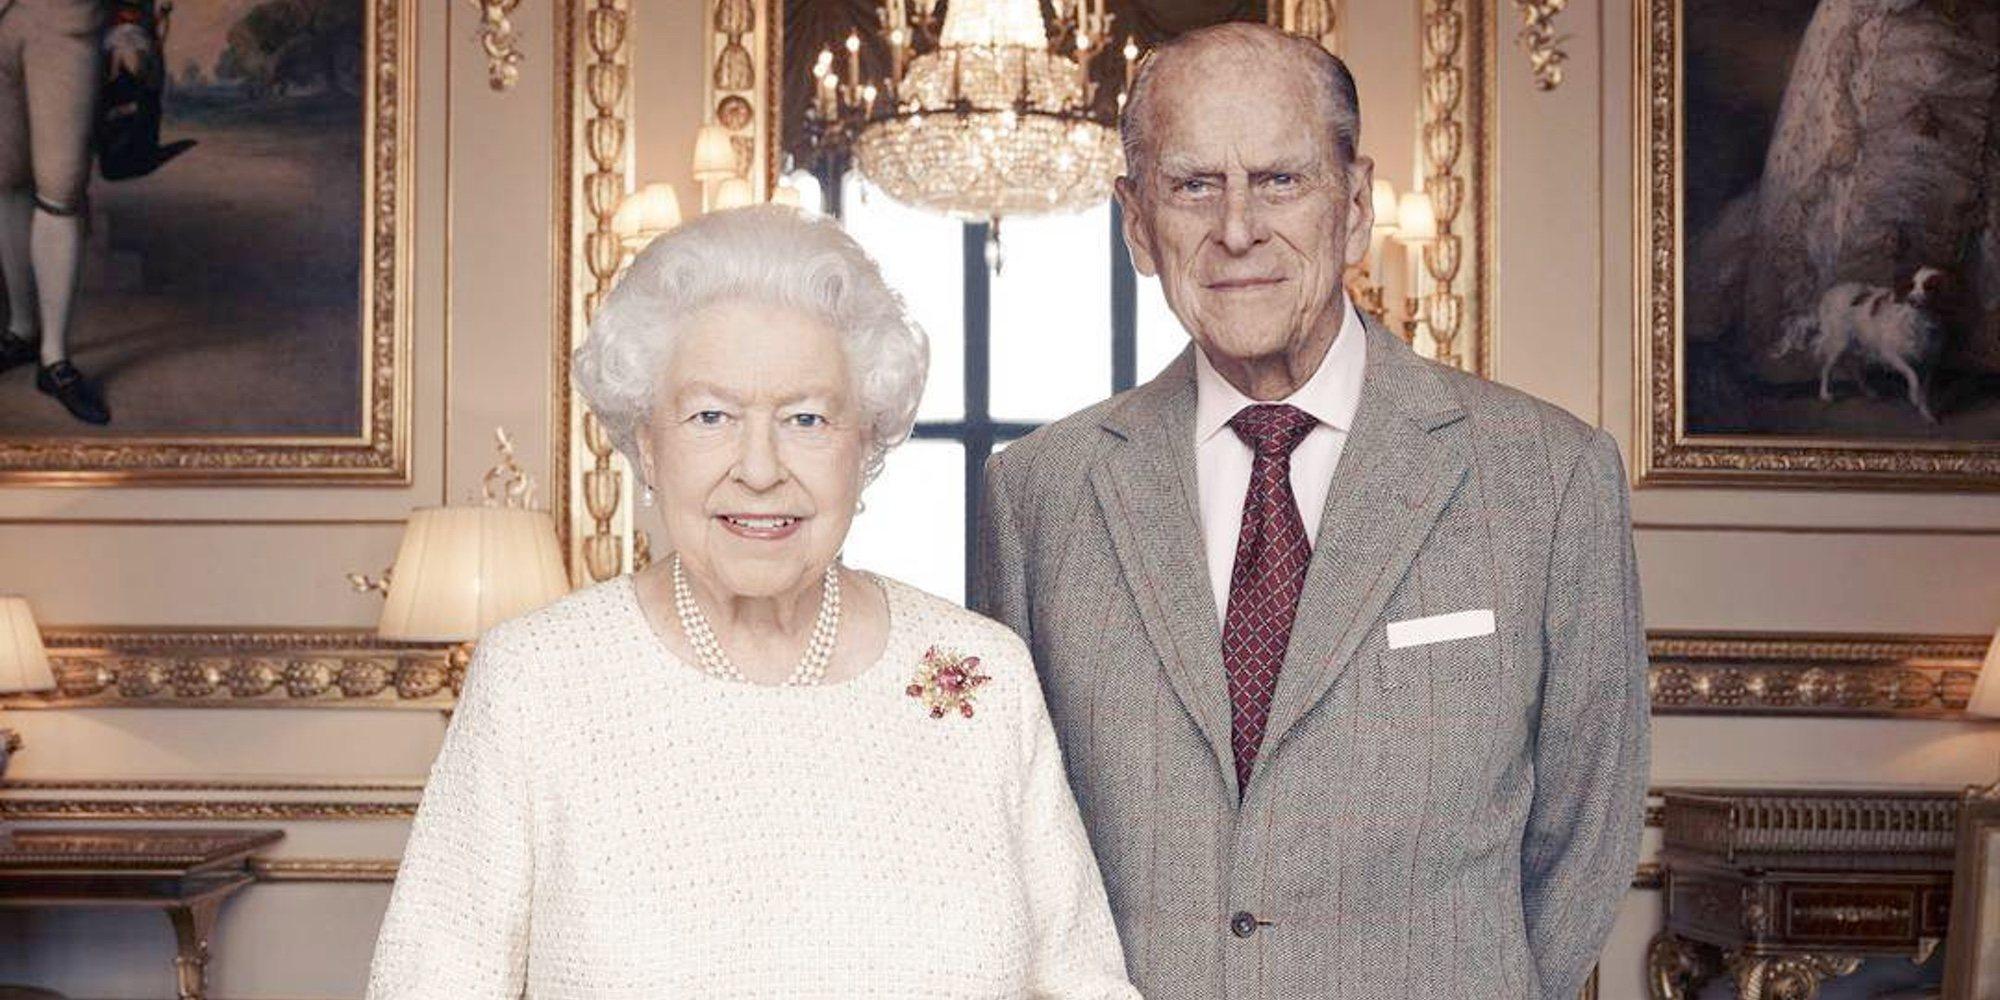 La razón por la que la Reina Isabel y el Duque de Edimburgo se pierden el bautizo del Príncipe Luis